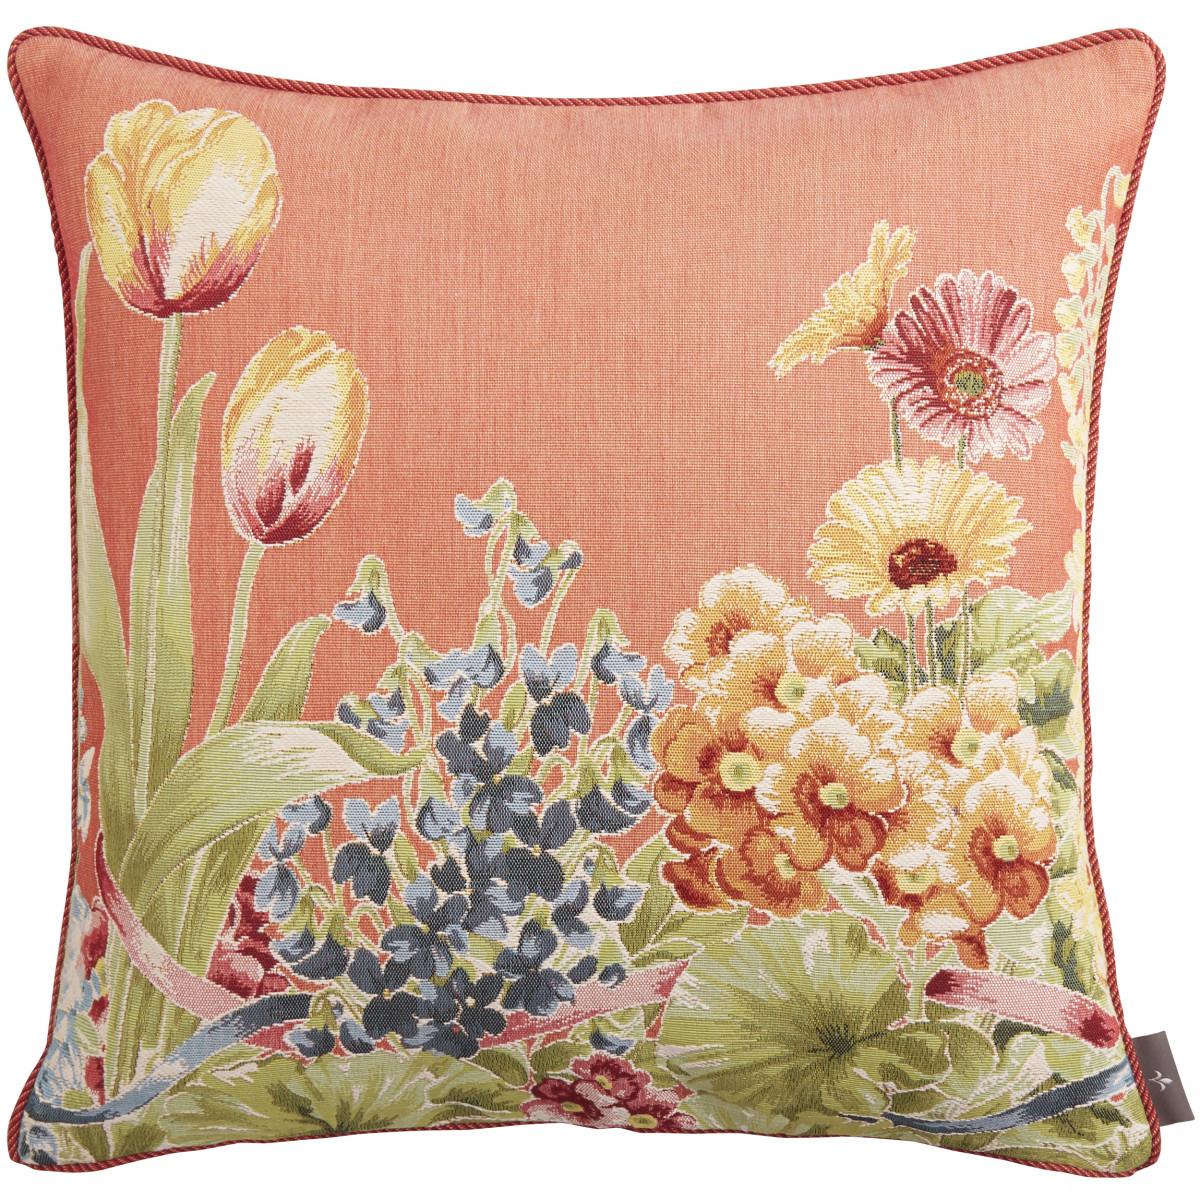 Coussin tapisserie jardin de fleurs Orange 50 x 50